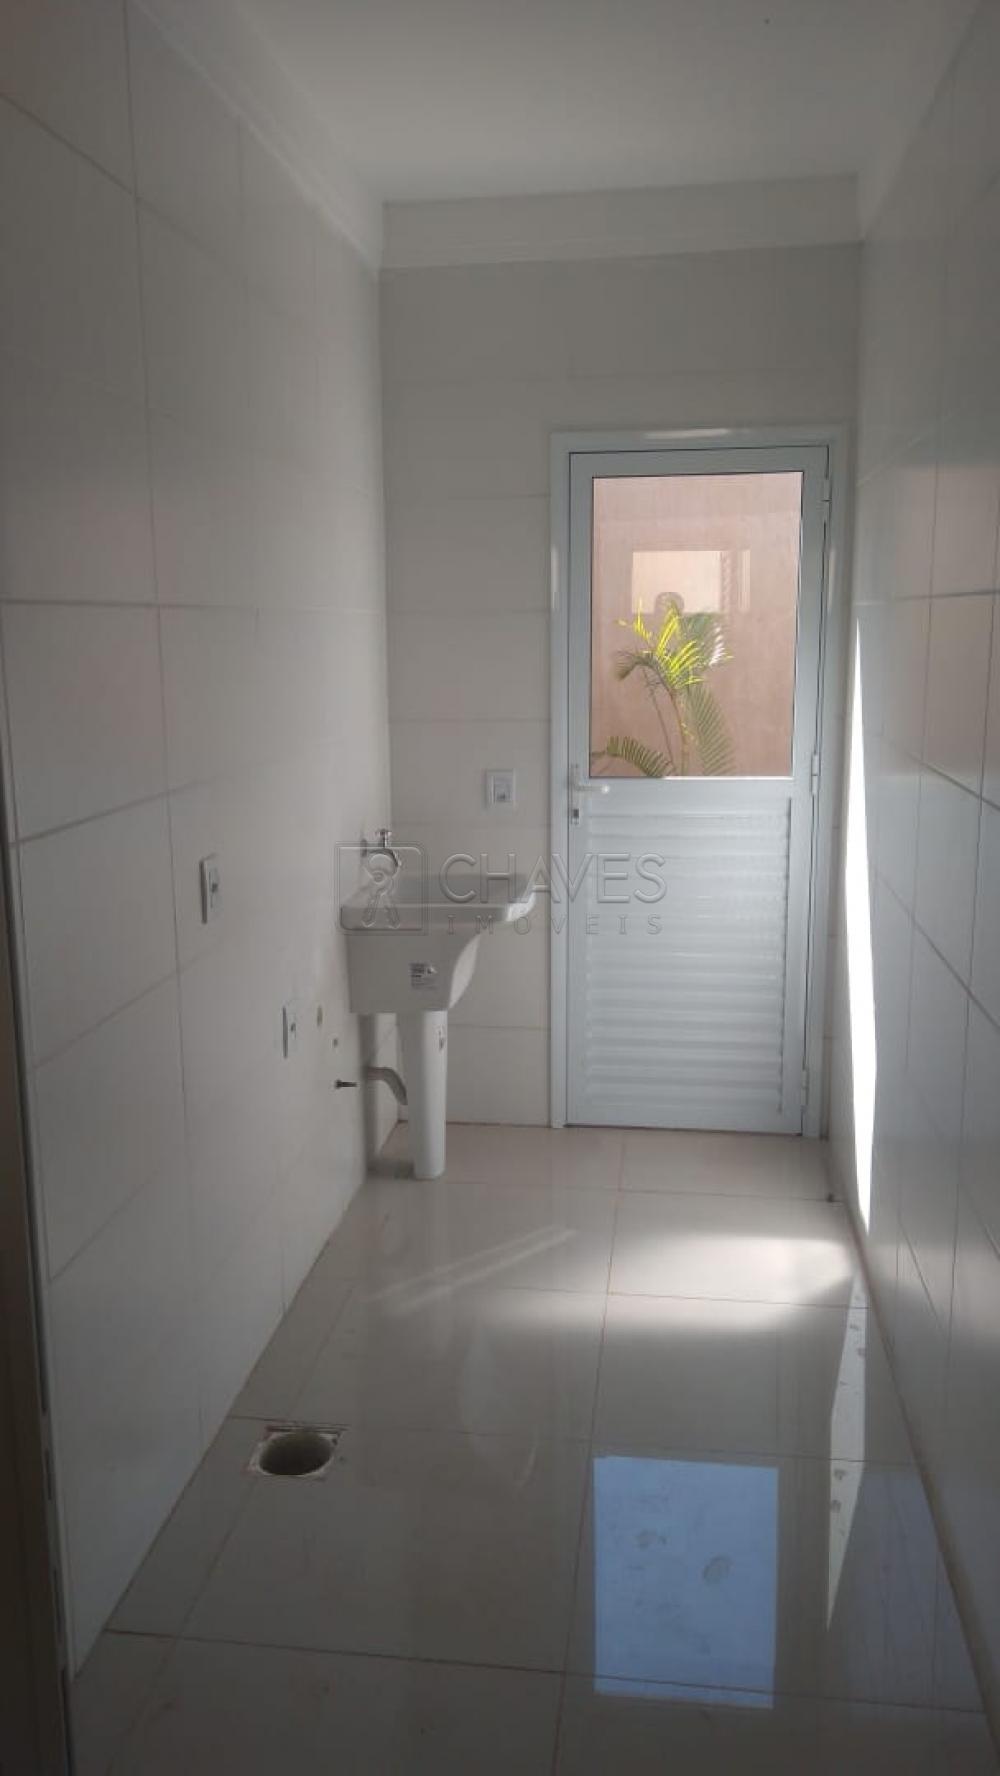 Comprar Casa / Padrão em Cravinhos apenas R$ 500.000,00 - Foto 9